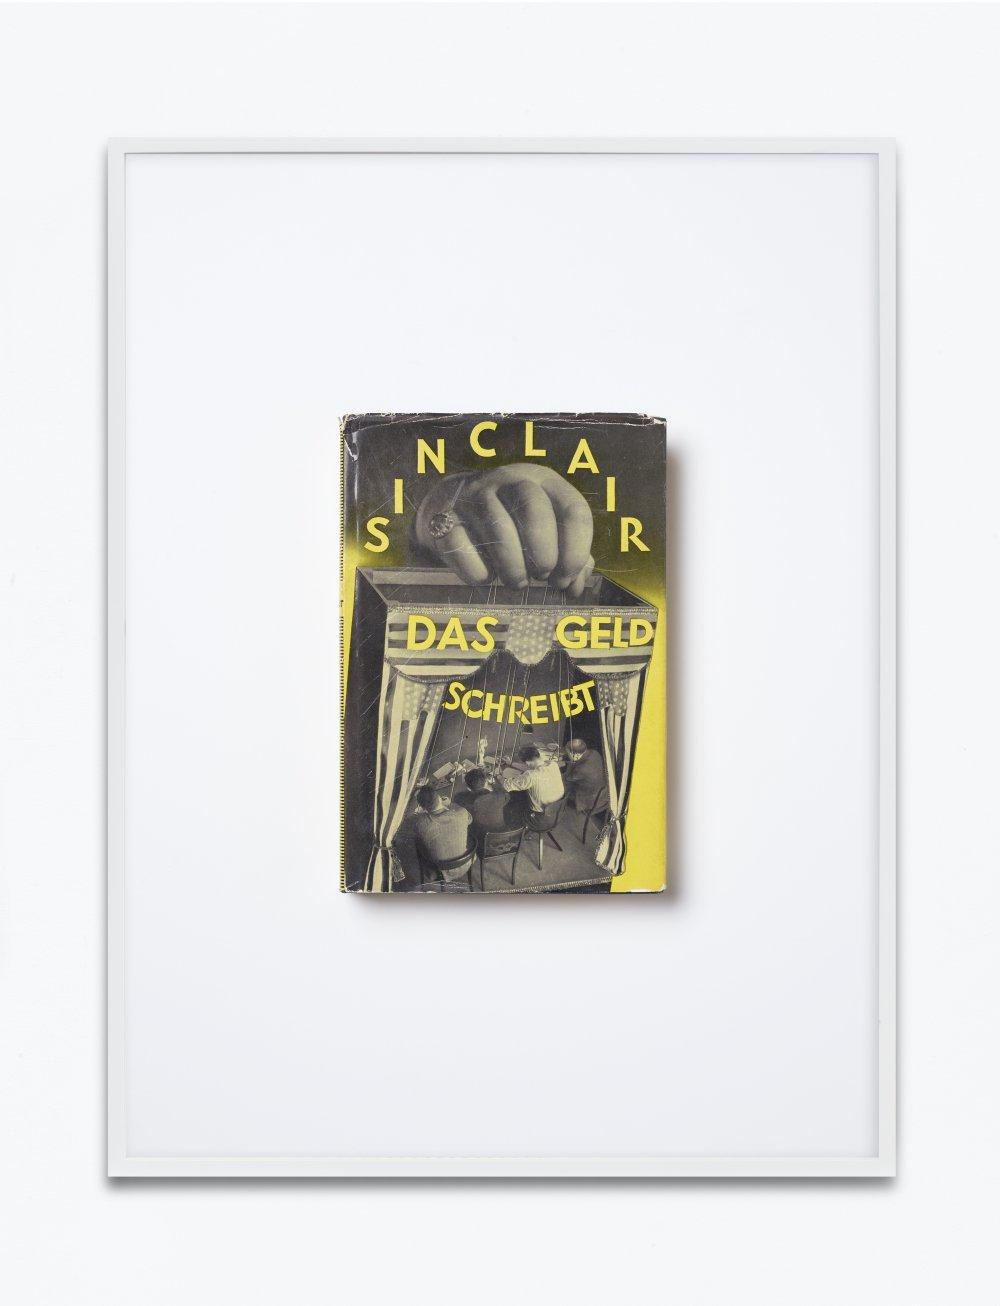 Upton Sinclair, Das Geld schreibt. Eine Studie über die amerikanische Literatur, 1930, autorisierte Übersetzung von Elias Canetti, Malik Verlag, Berlin, Einbandgestaltung John Heartfield